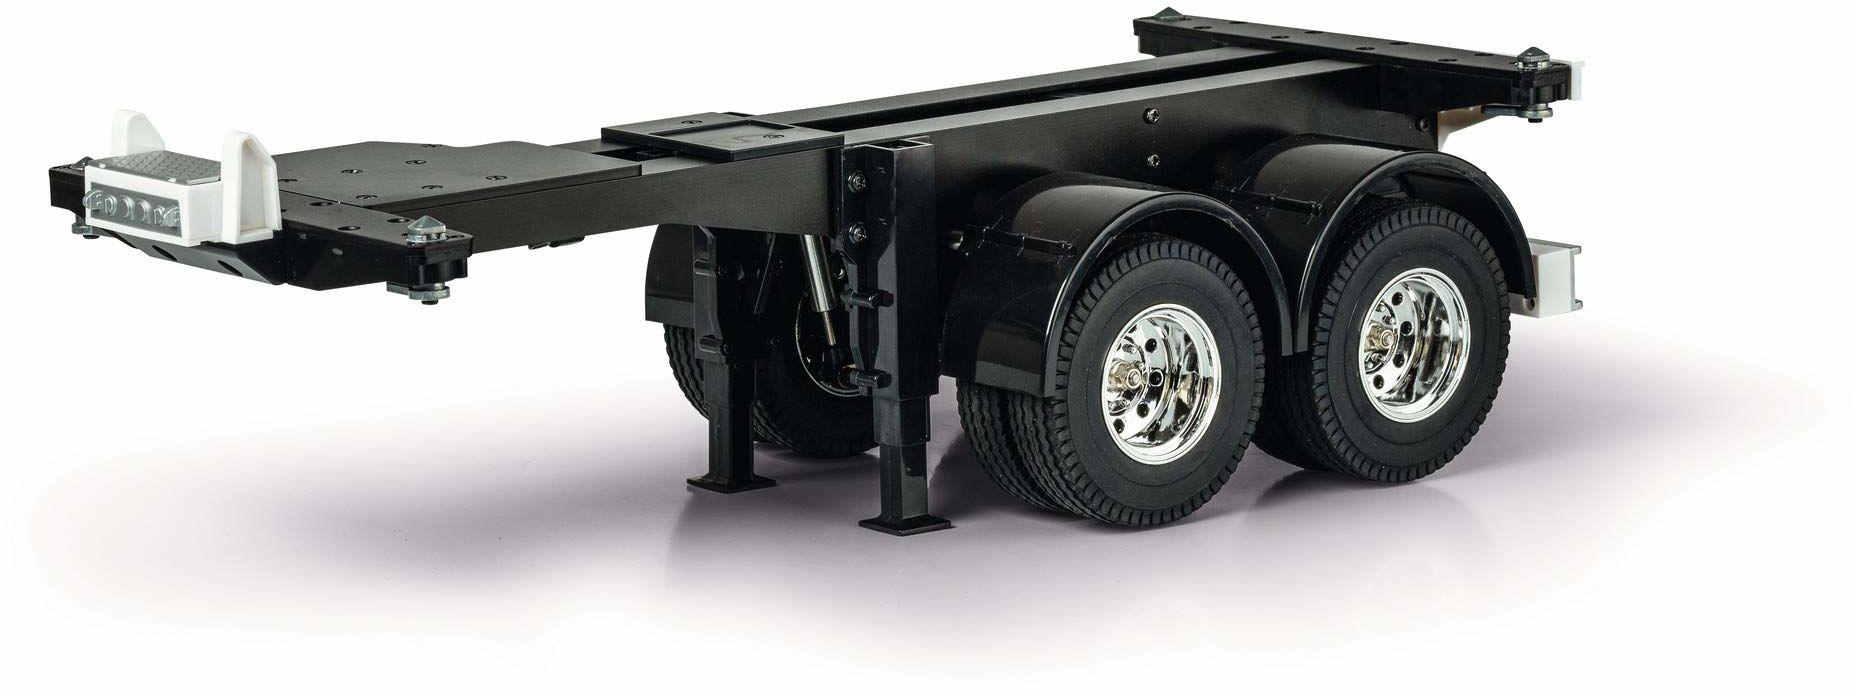 Carson 1:14 20 st. zestaw uchwytów kontenerowych, RC, akcesoria do ciężarówek Tamiya, części zamienne, części tuningowe, budowa modeli, Made in Germany, 500907334